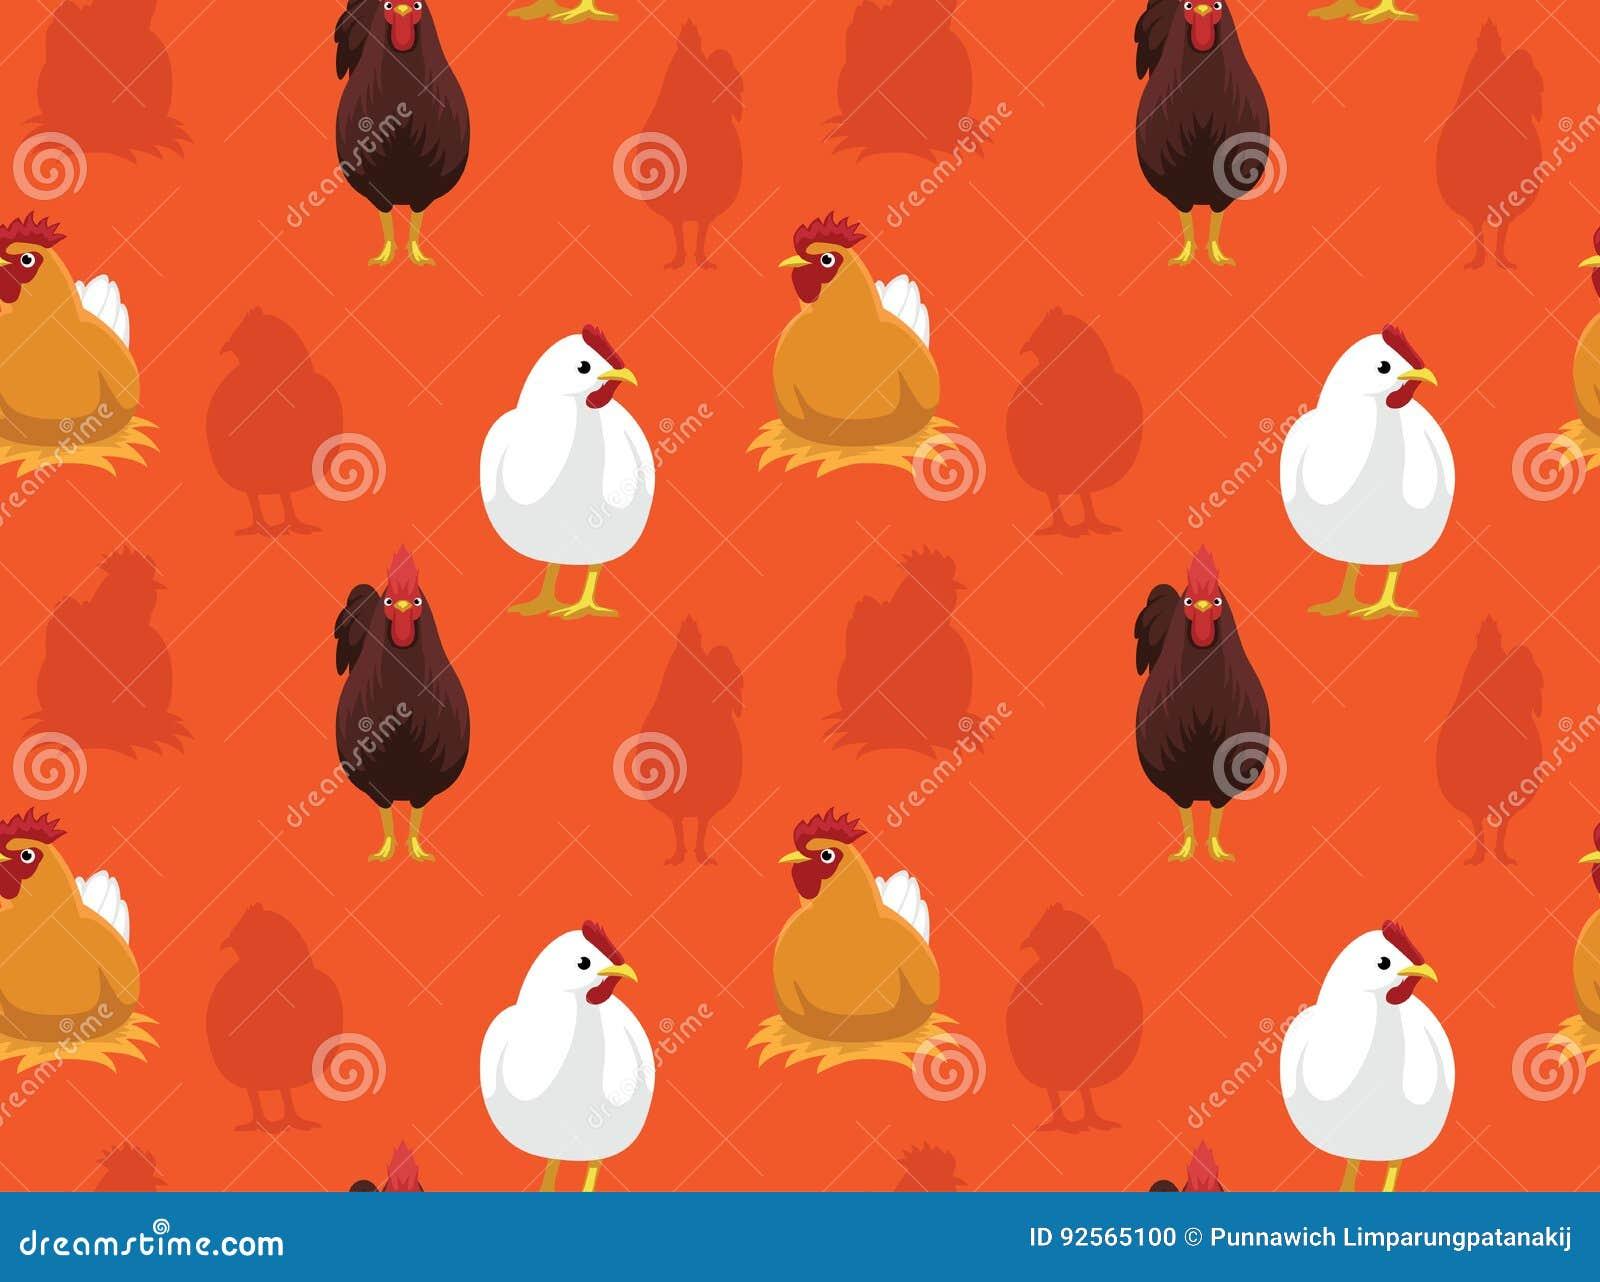 Chicken Wallpaper 2 Stock Vector Illustration Of Cartoon